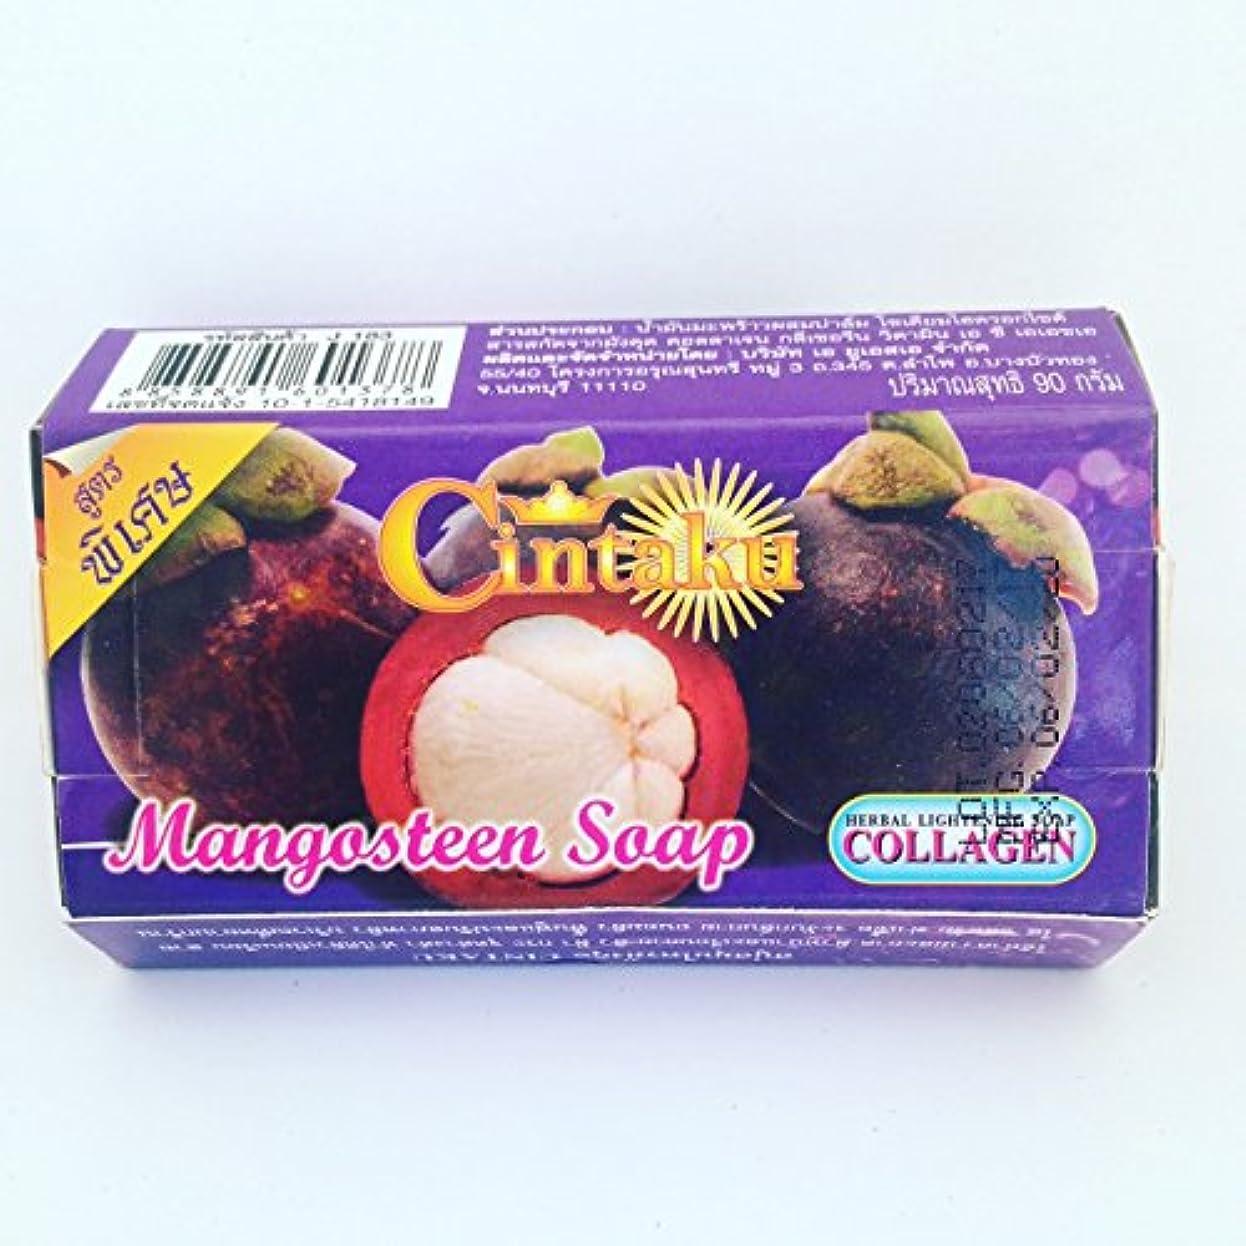 ソフィーコットン砂Cintaku マンゴスチン ソープ コラーゲン配合 90g 1個 Mangosteen Soap COLLAGEN